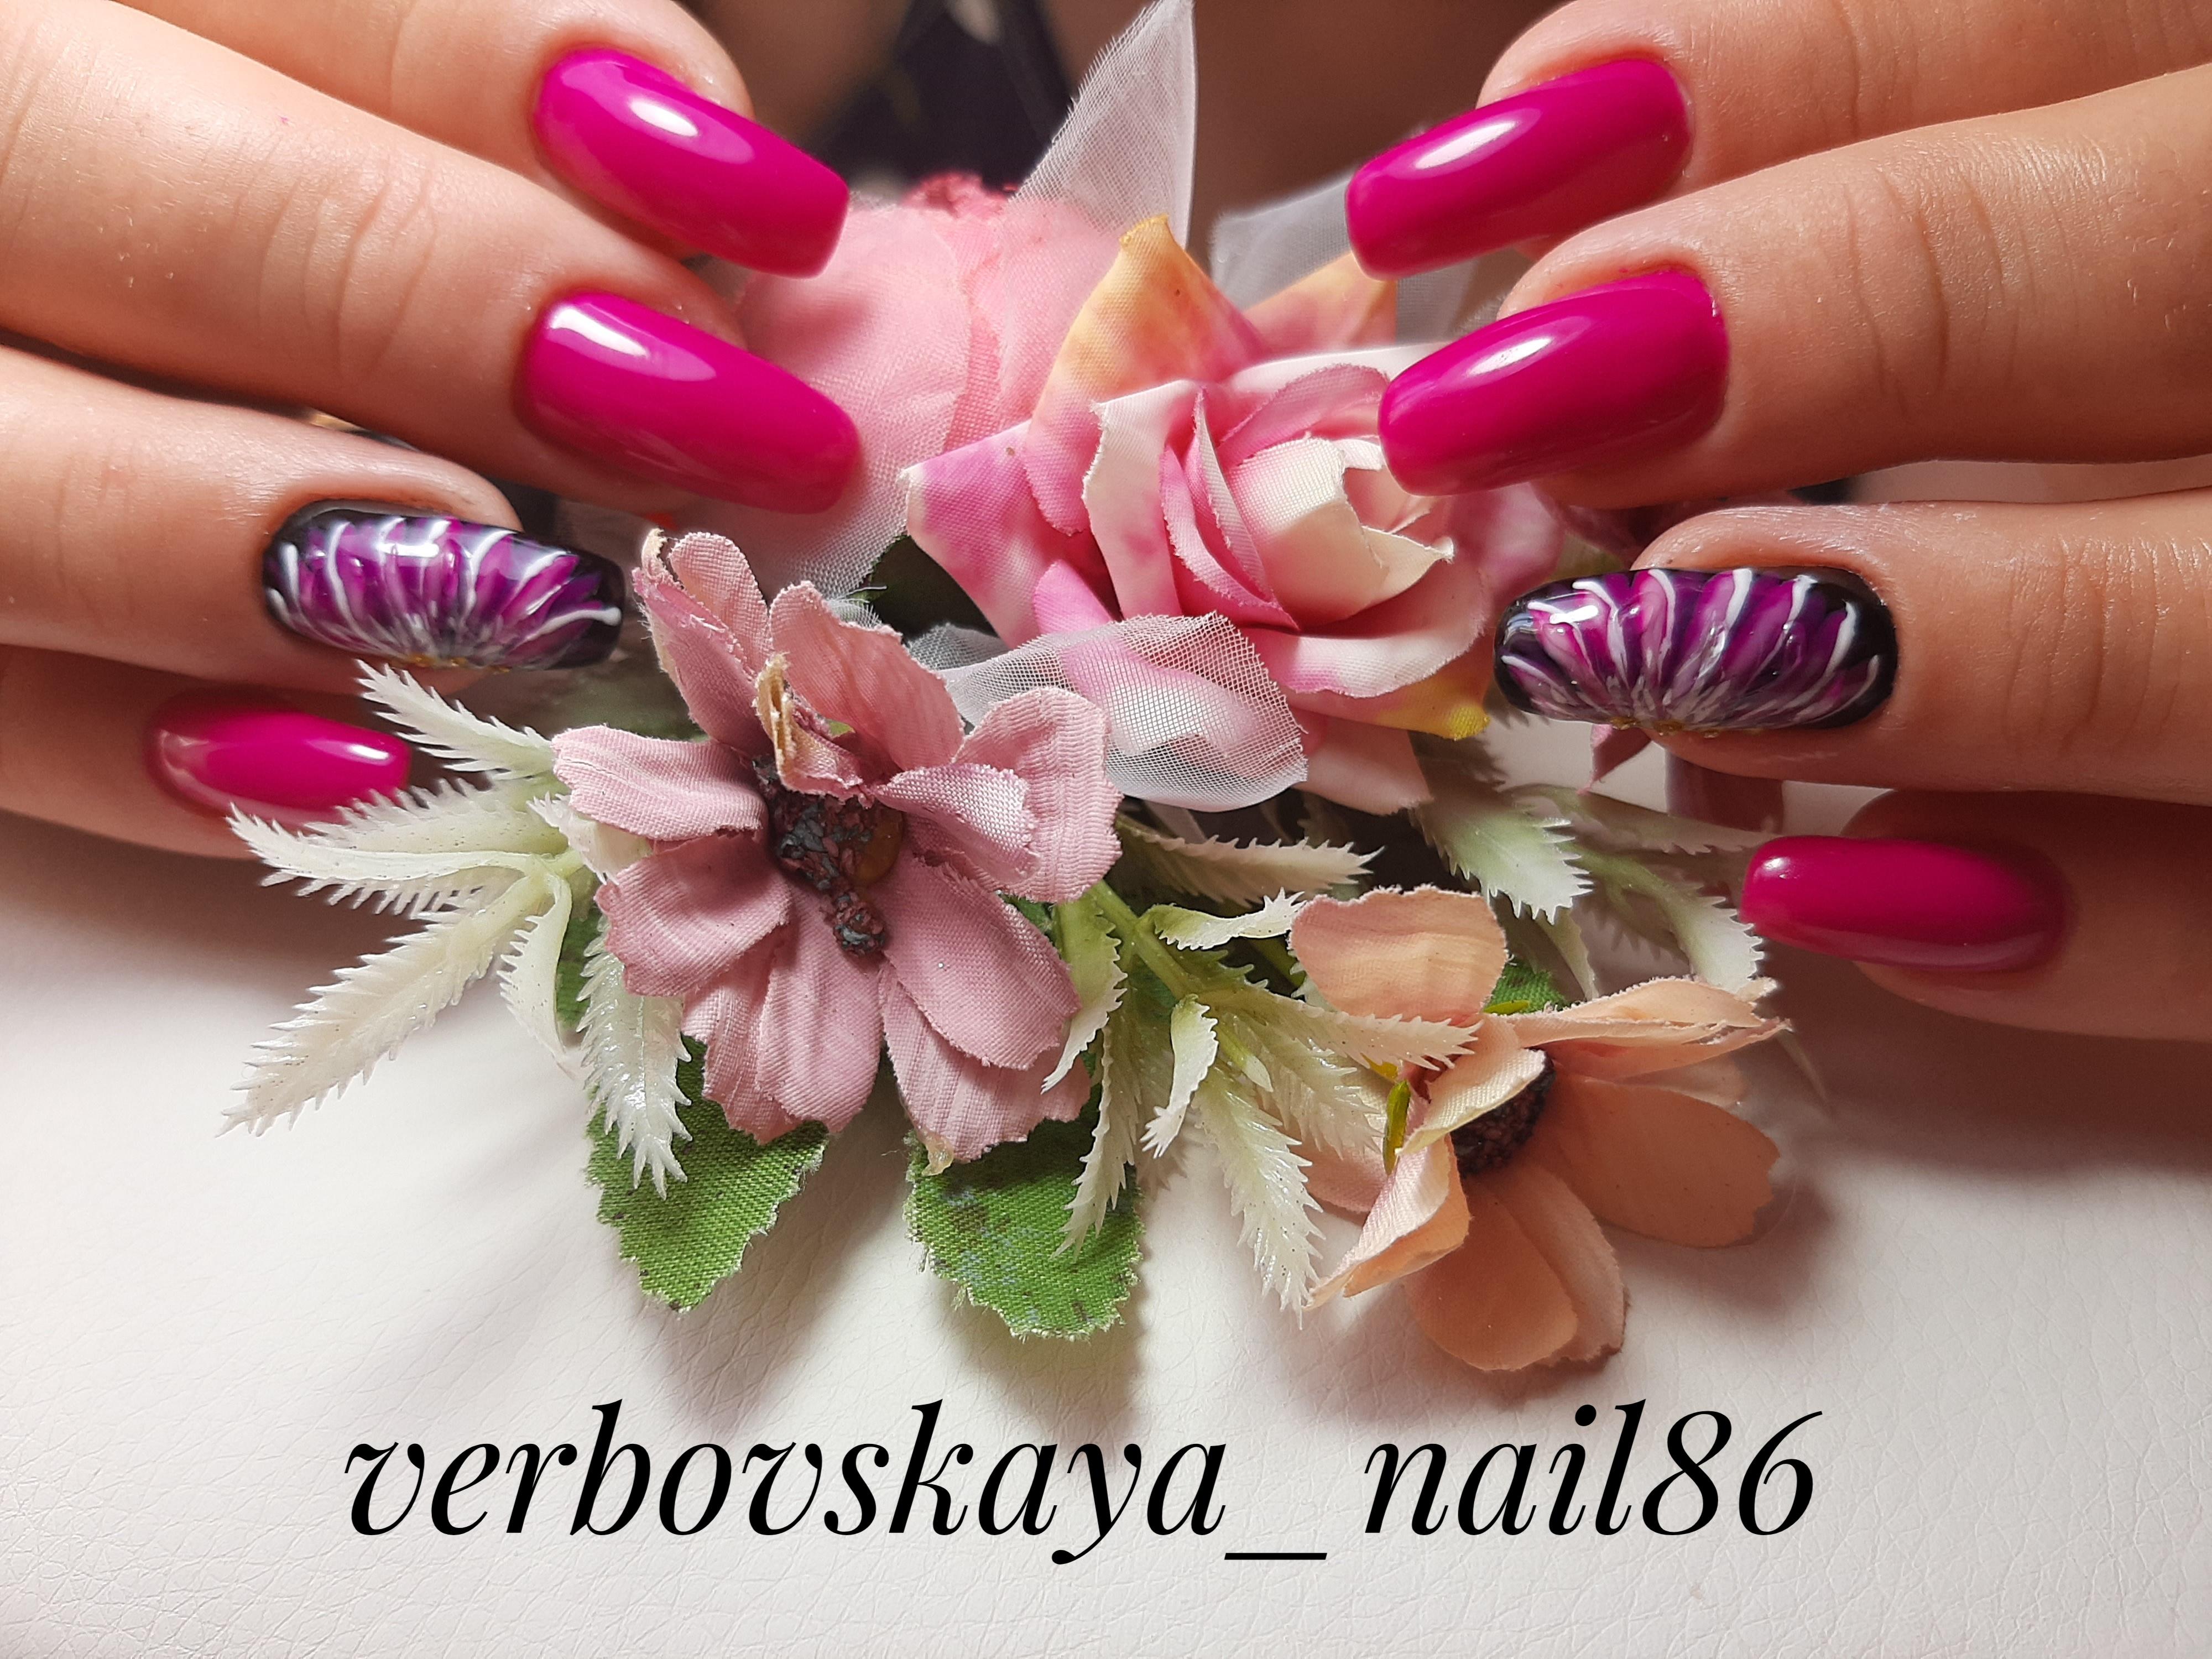 Маникюр с рисунком в цвете фуксия на длинные ногти.